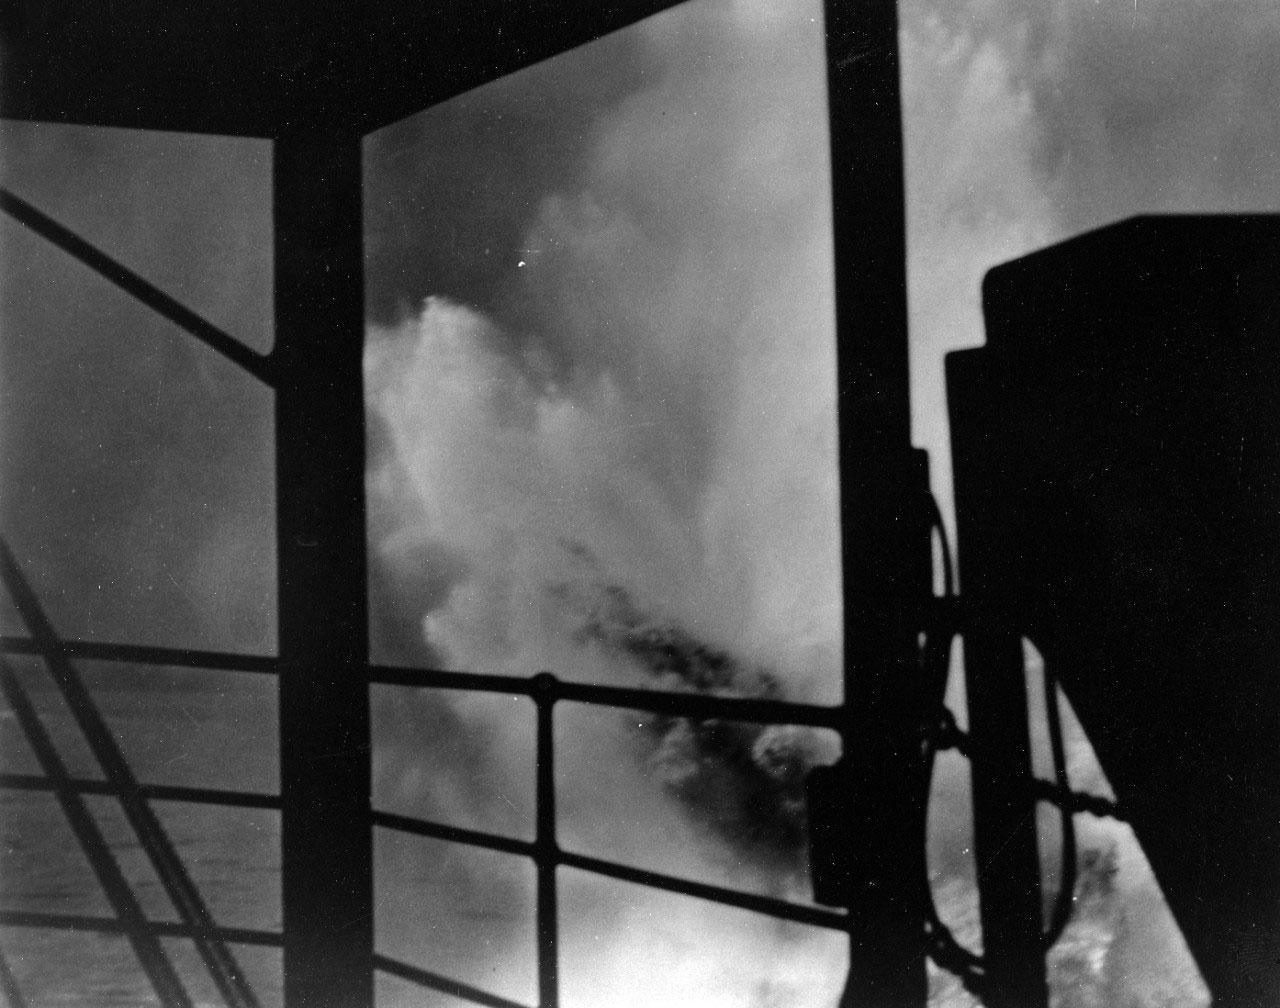 Photo of USS Utah under attack